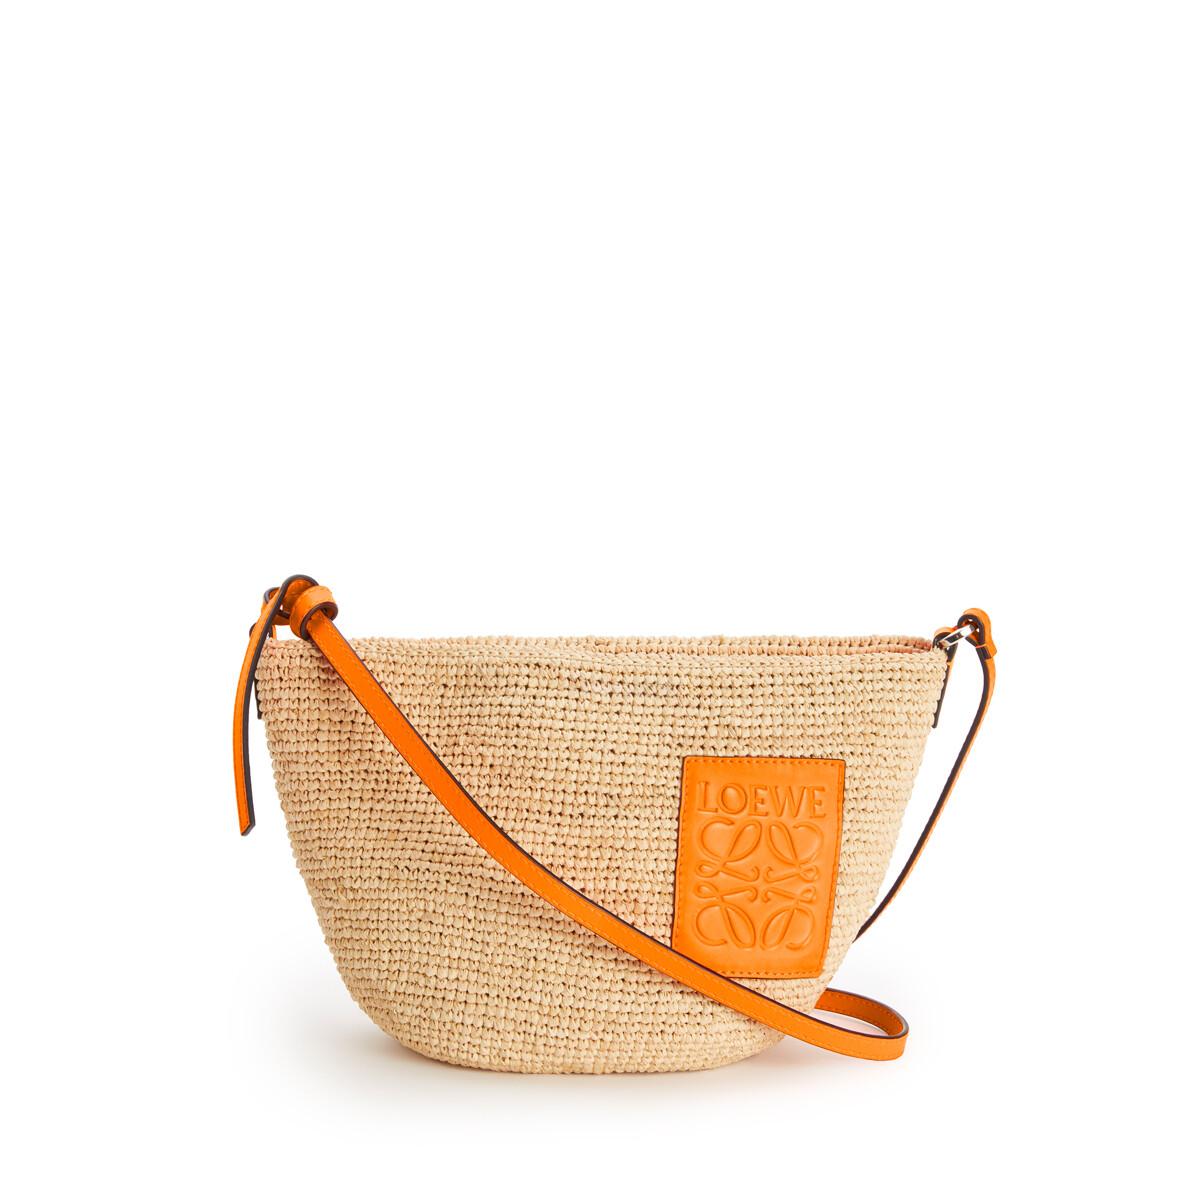 LOEWE Bolso Pochette En Rafia Y Piel De Ternera Natural/Naranja Neon front